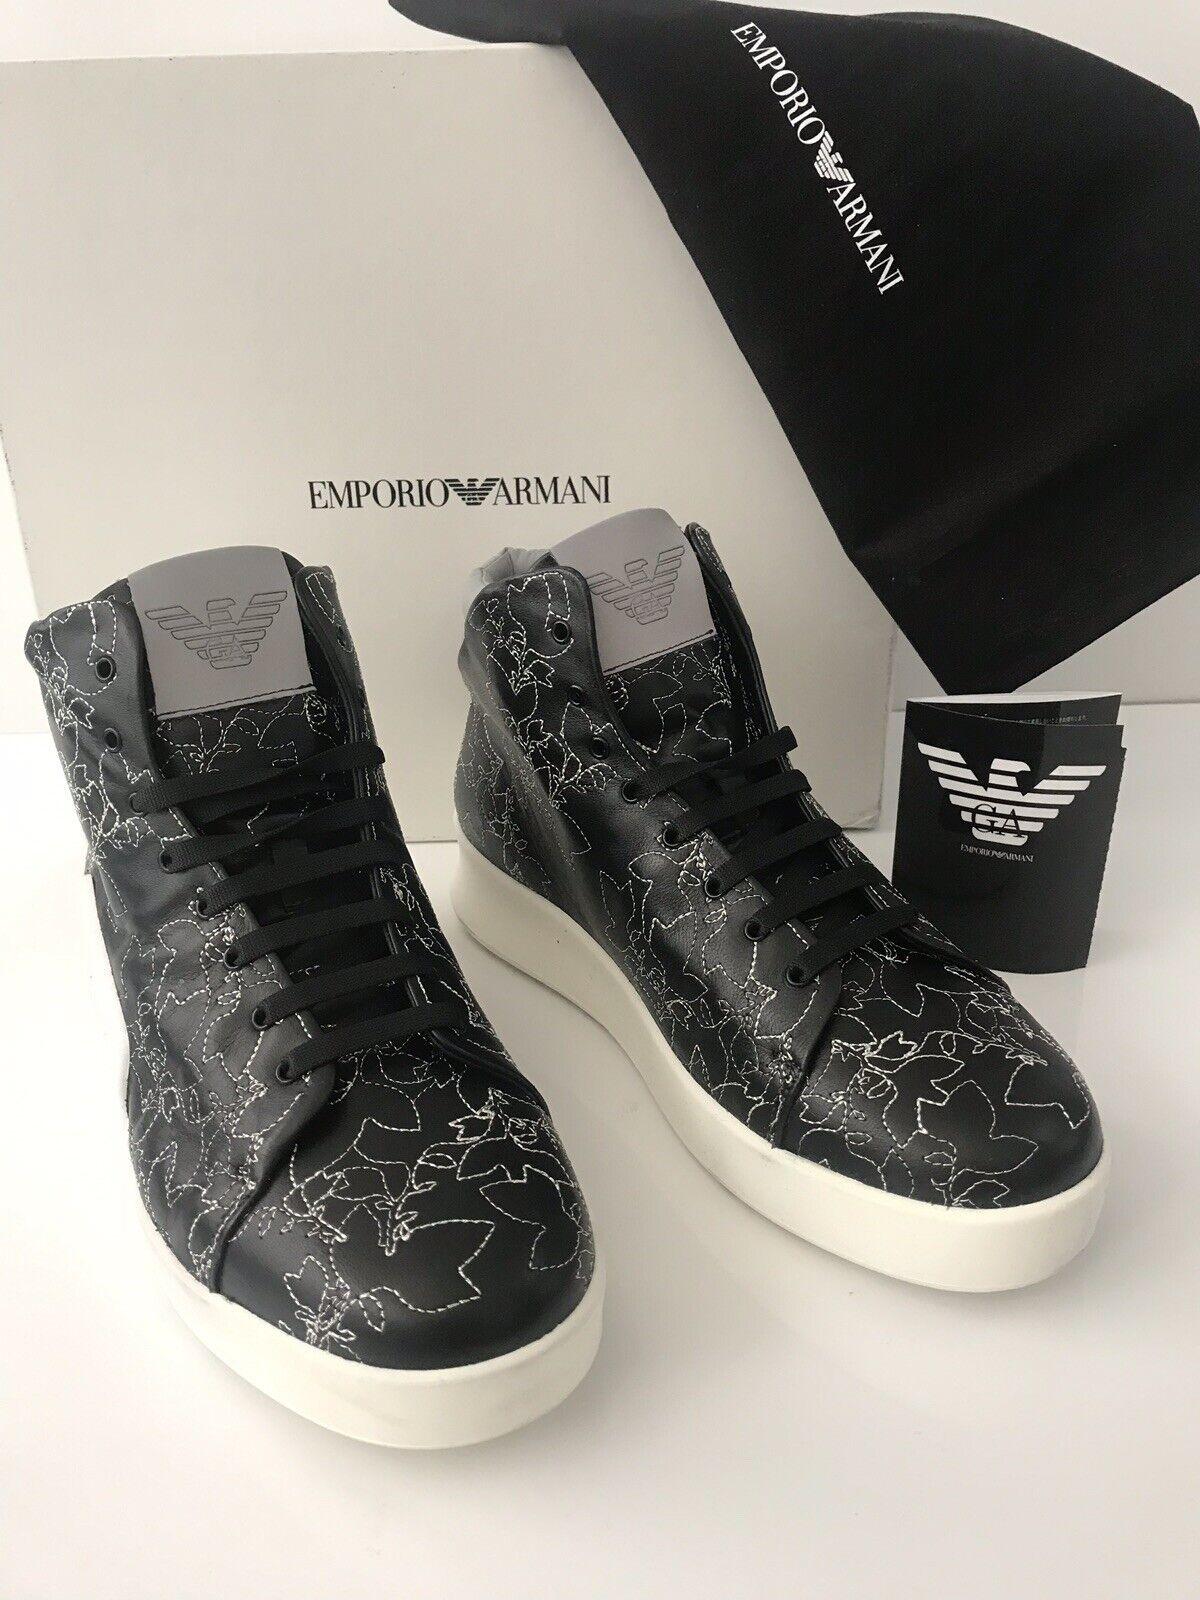 NIB  745 Emporio Armani Men's Floral Hi-Top Leather Sneakers Black 10.5 US